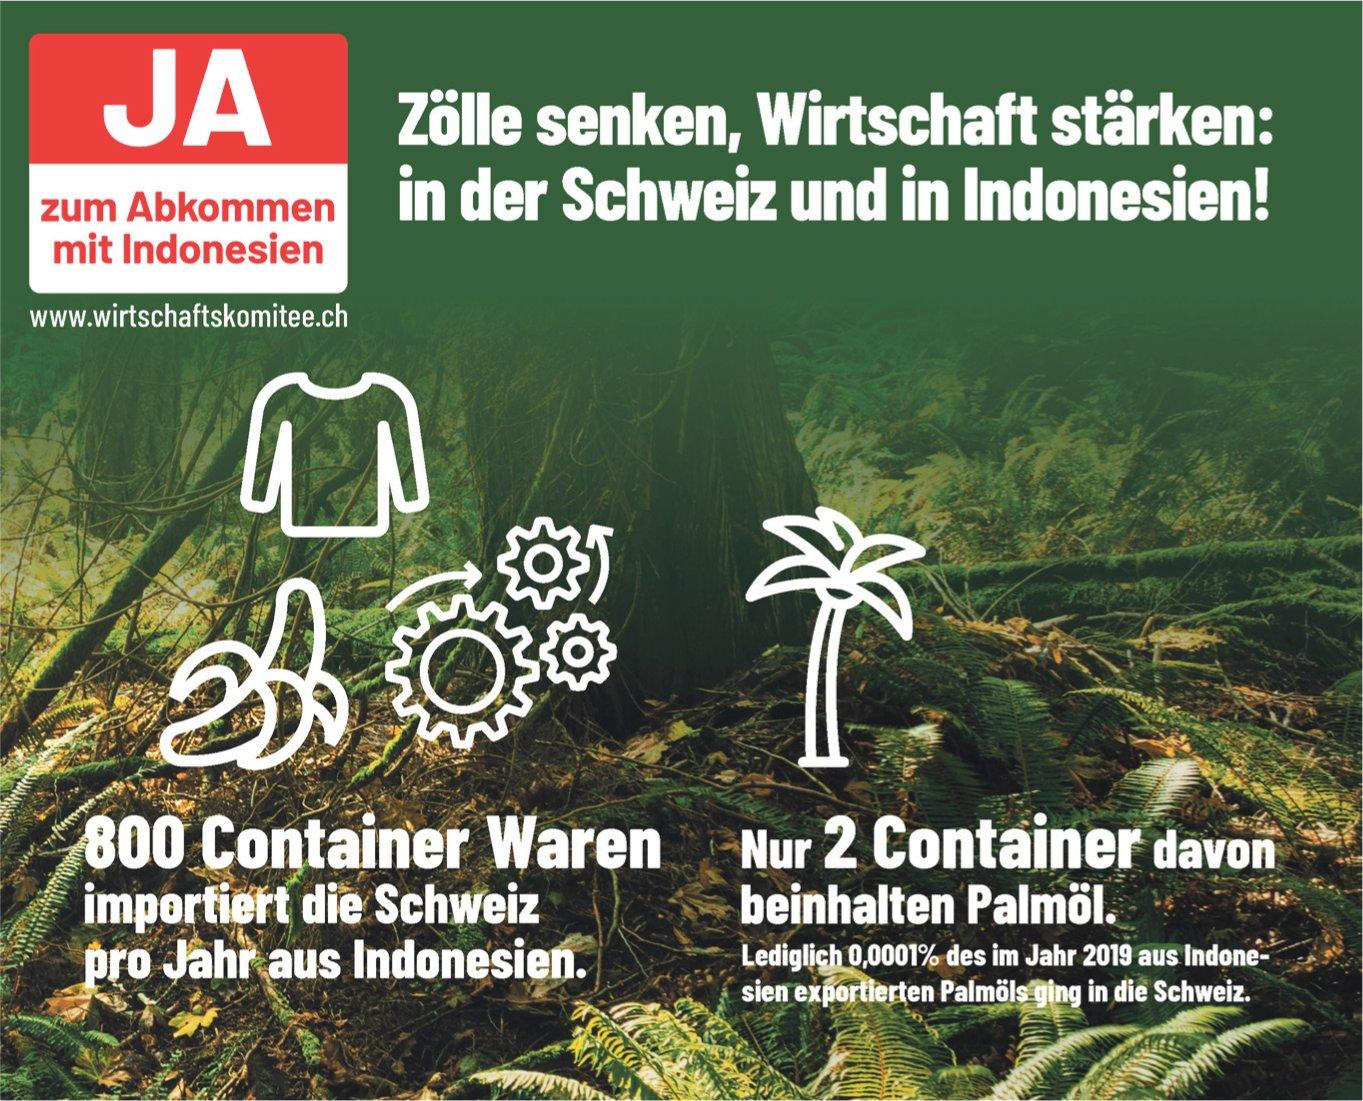 Wirtschaftskomitee Baselland - Ja zum Abkommen mit Indonesien